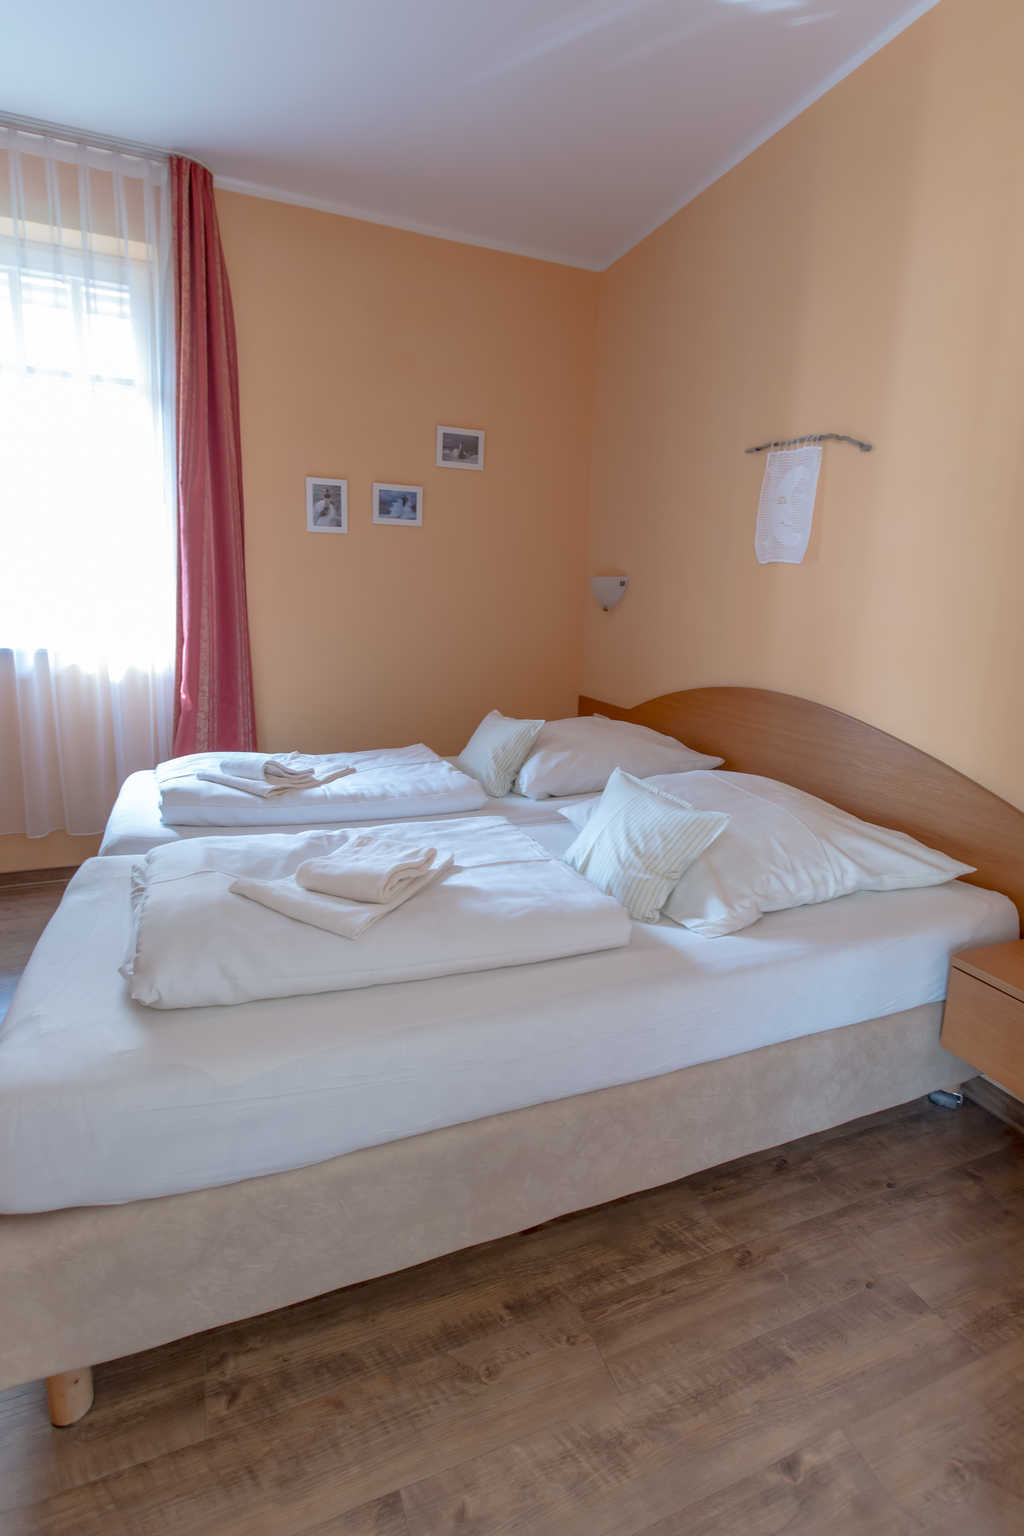 Villa Senta Whg.02, Senta02